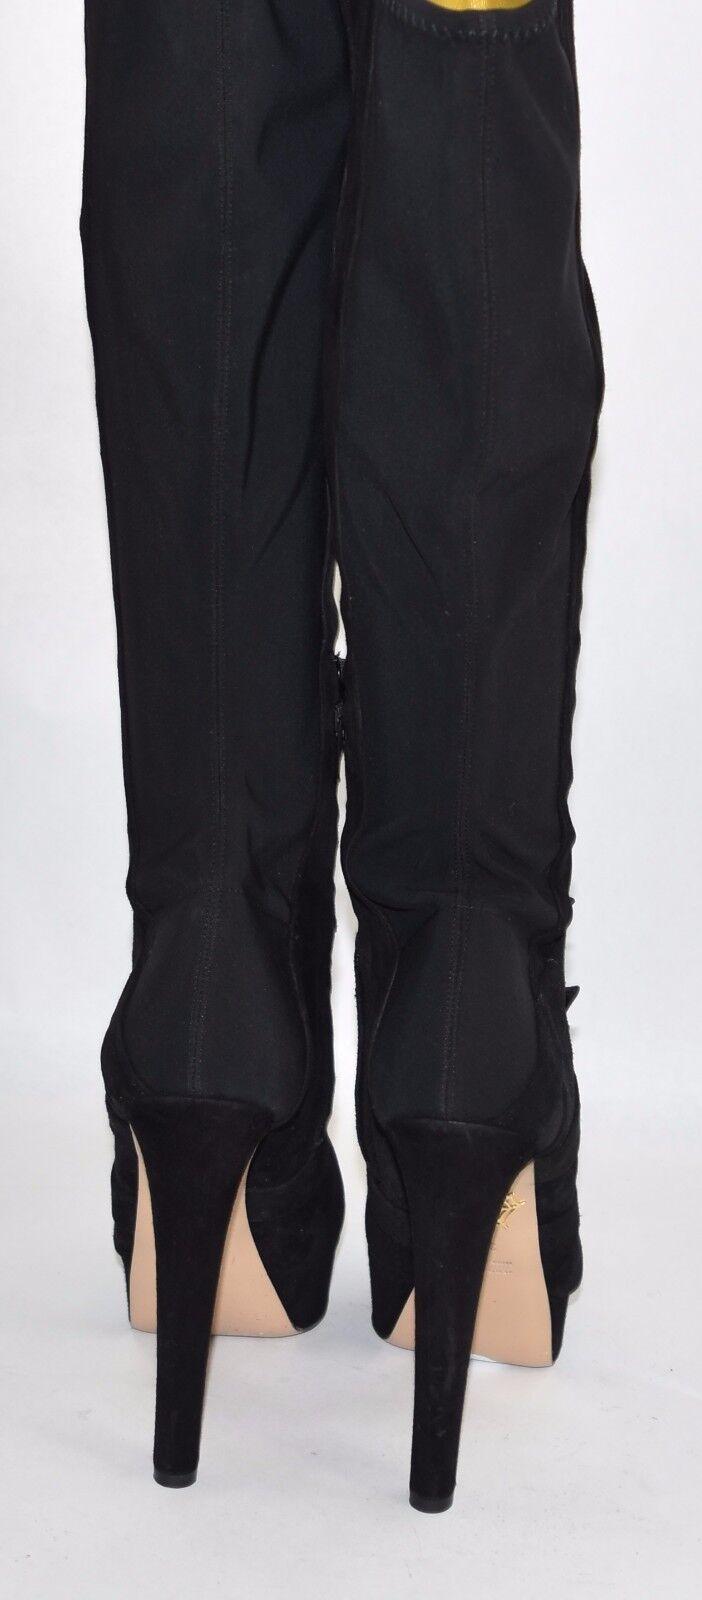 1.5k + CHARLOTTE OLYMPIA 'Alda' Over the Knee Knee Knee Boot HEEL SUEDE BLACK 39.5 (S3) d3d7a9